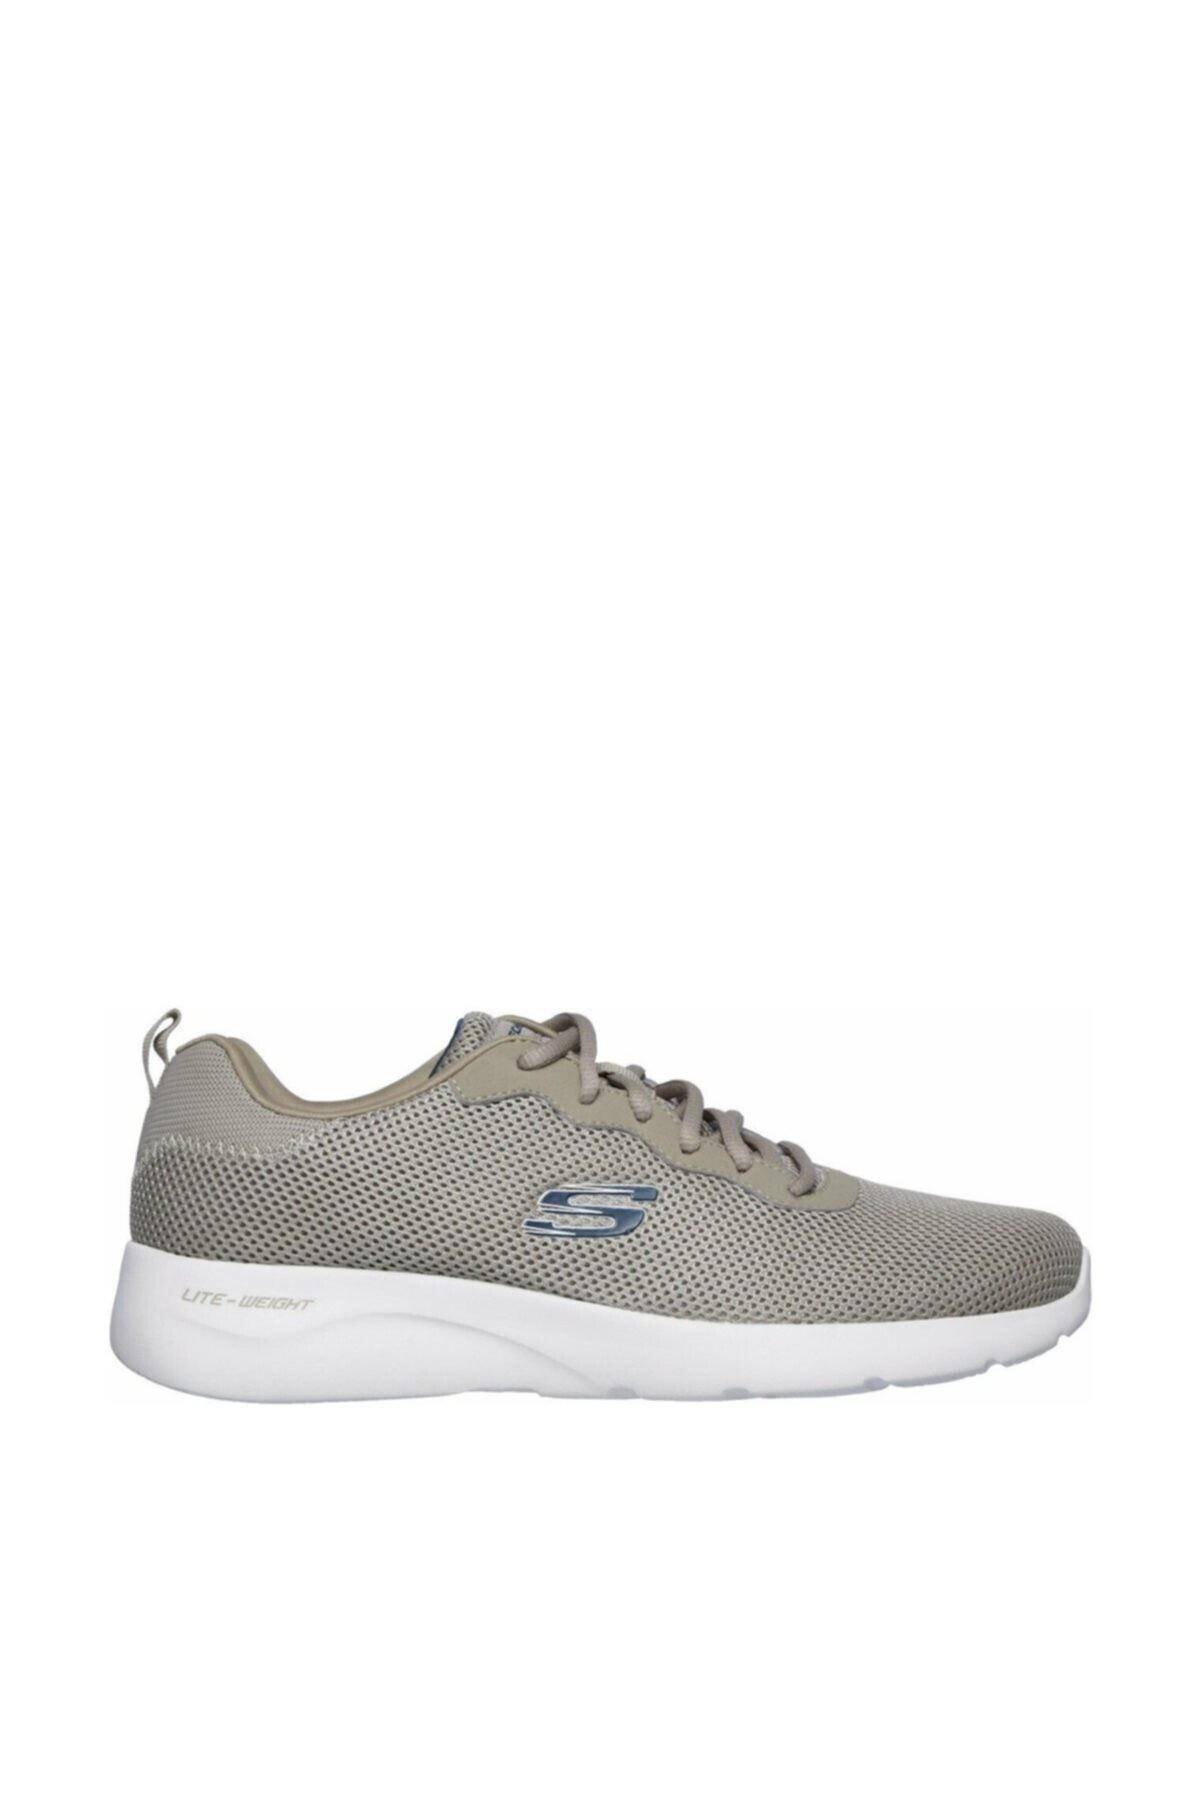 خرید اسان کفش مخصوص دویدن مردانه اسپرت جدید برند SKECHERS رنگ بژ کد ty6904090